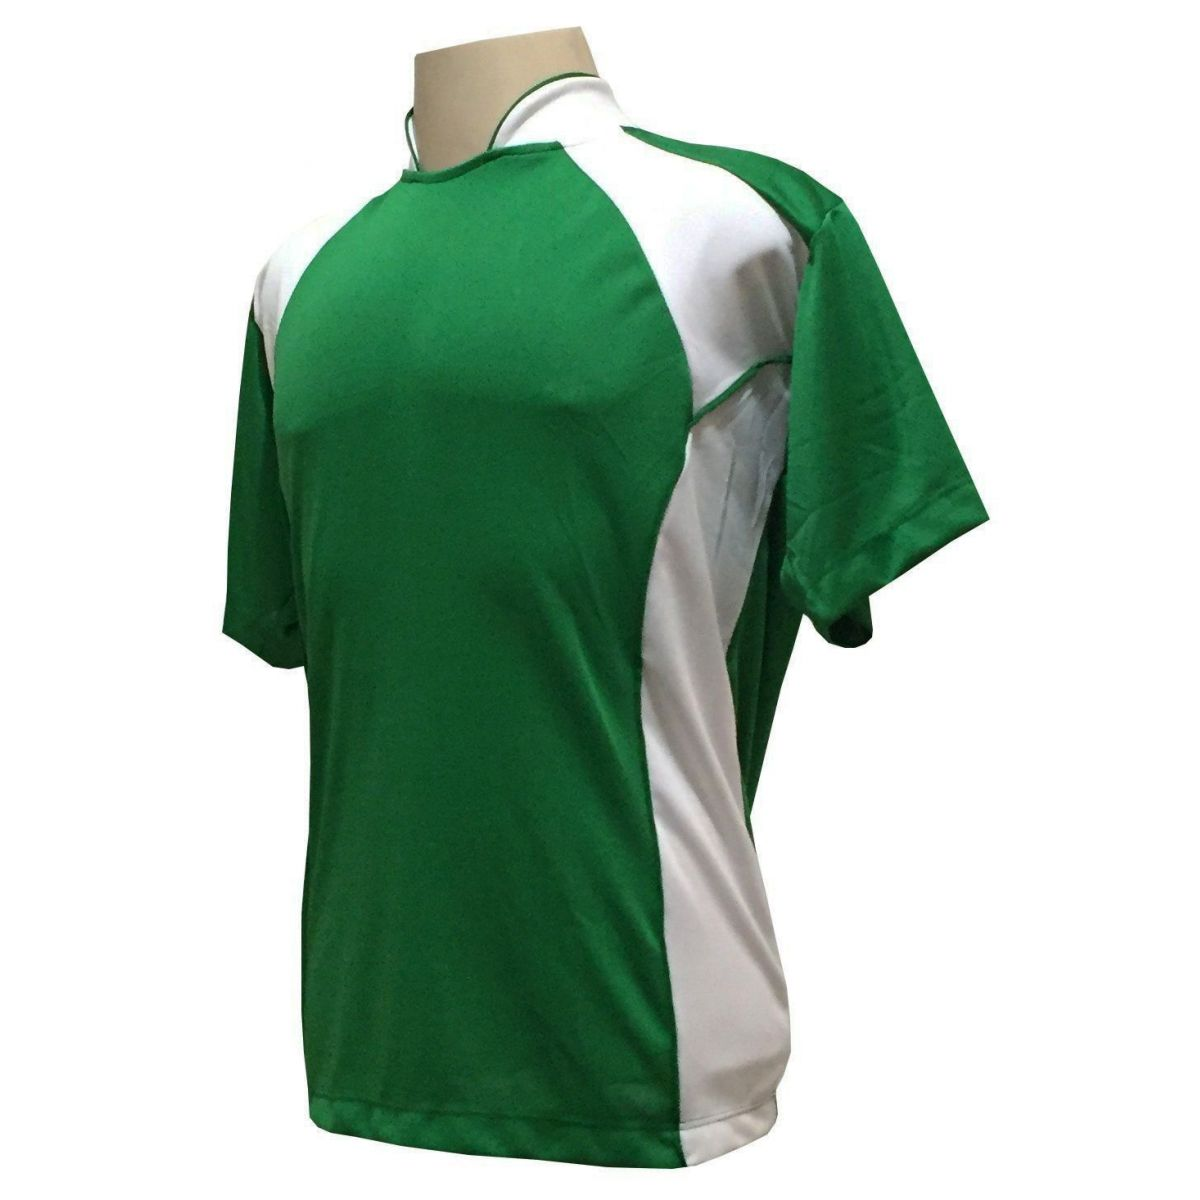 Uniforme Esportivo com 14 Camisas modelo Suécia Verde/Branco + 14 Calções modelo Madrid   - ESTAÇÃO DO ESPORTE